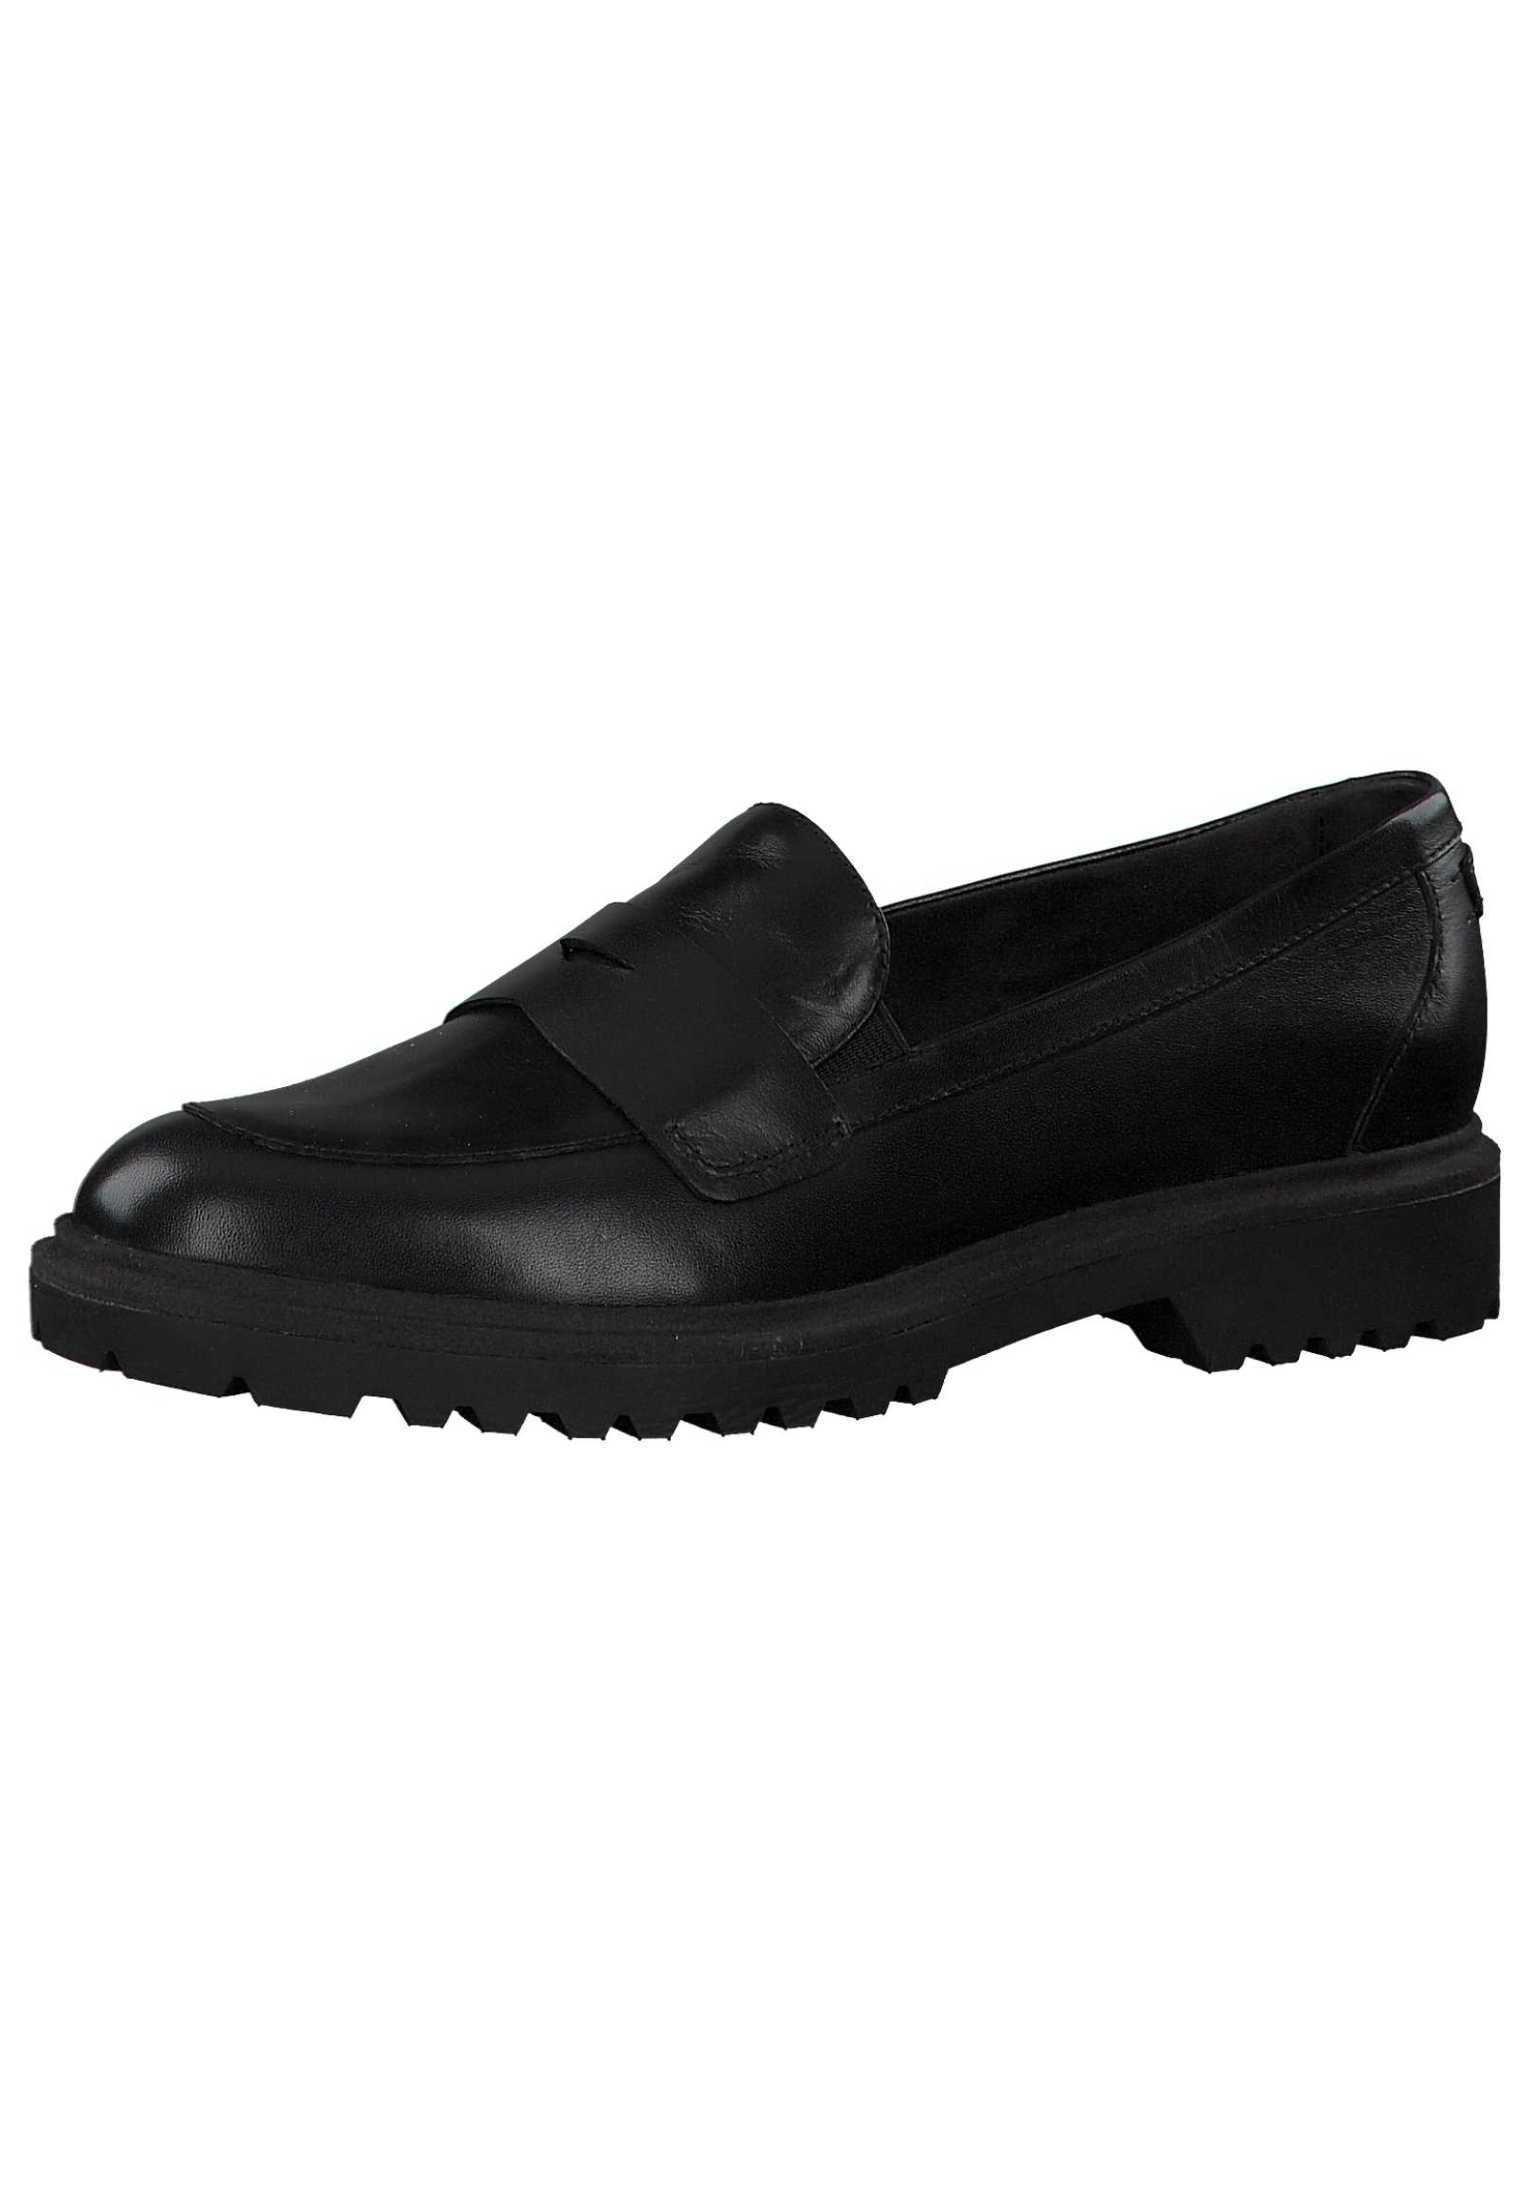 Tamaris Mokassin black leather 3/schwarz